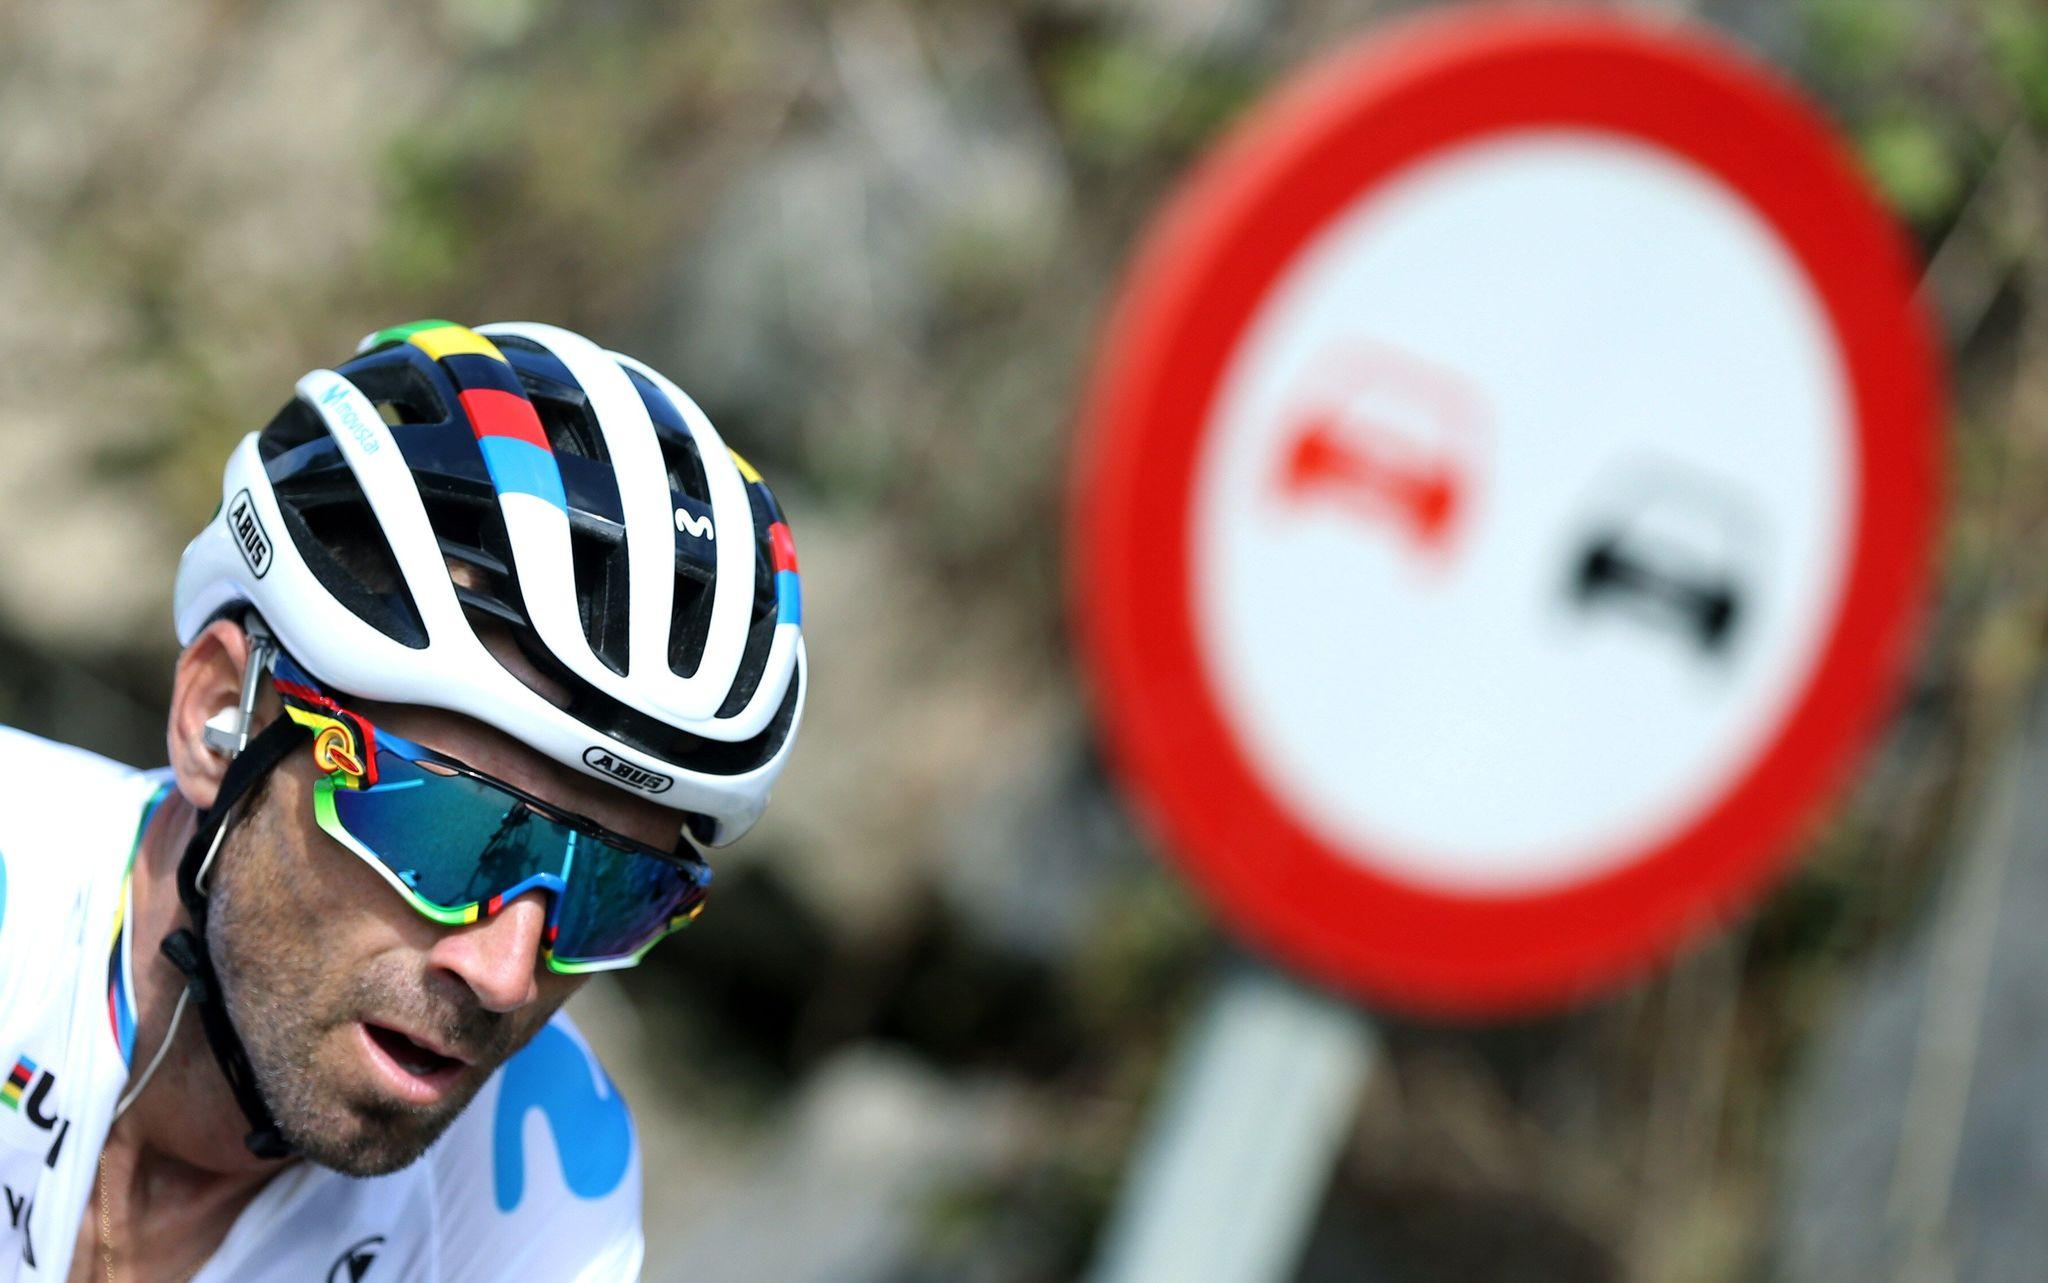 GRAF8946. PRAVIA (ASTURIAS), 09/09/2019.- El ciclista murciano del equipo Movistar y campeón del mundo, Alejandro Valverde, rueda junto al pelotón a su paso por la localidad asturiana de Pravia durante la décimo sexta etapa de la <HIT>Vuelta</HIT> a España 2019, con salida en esta localidad y meta en el Alto de la Cubilla (Lena), con un recorrido de 144,4 kilómetros. EFE/Javier Lizón